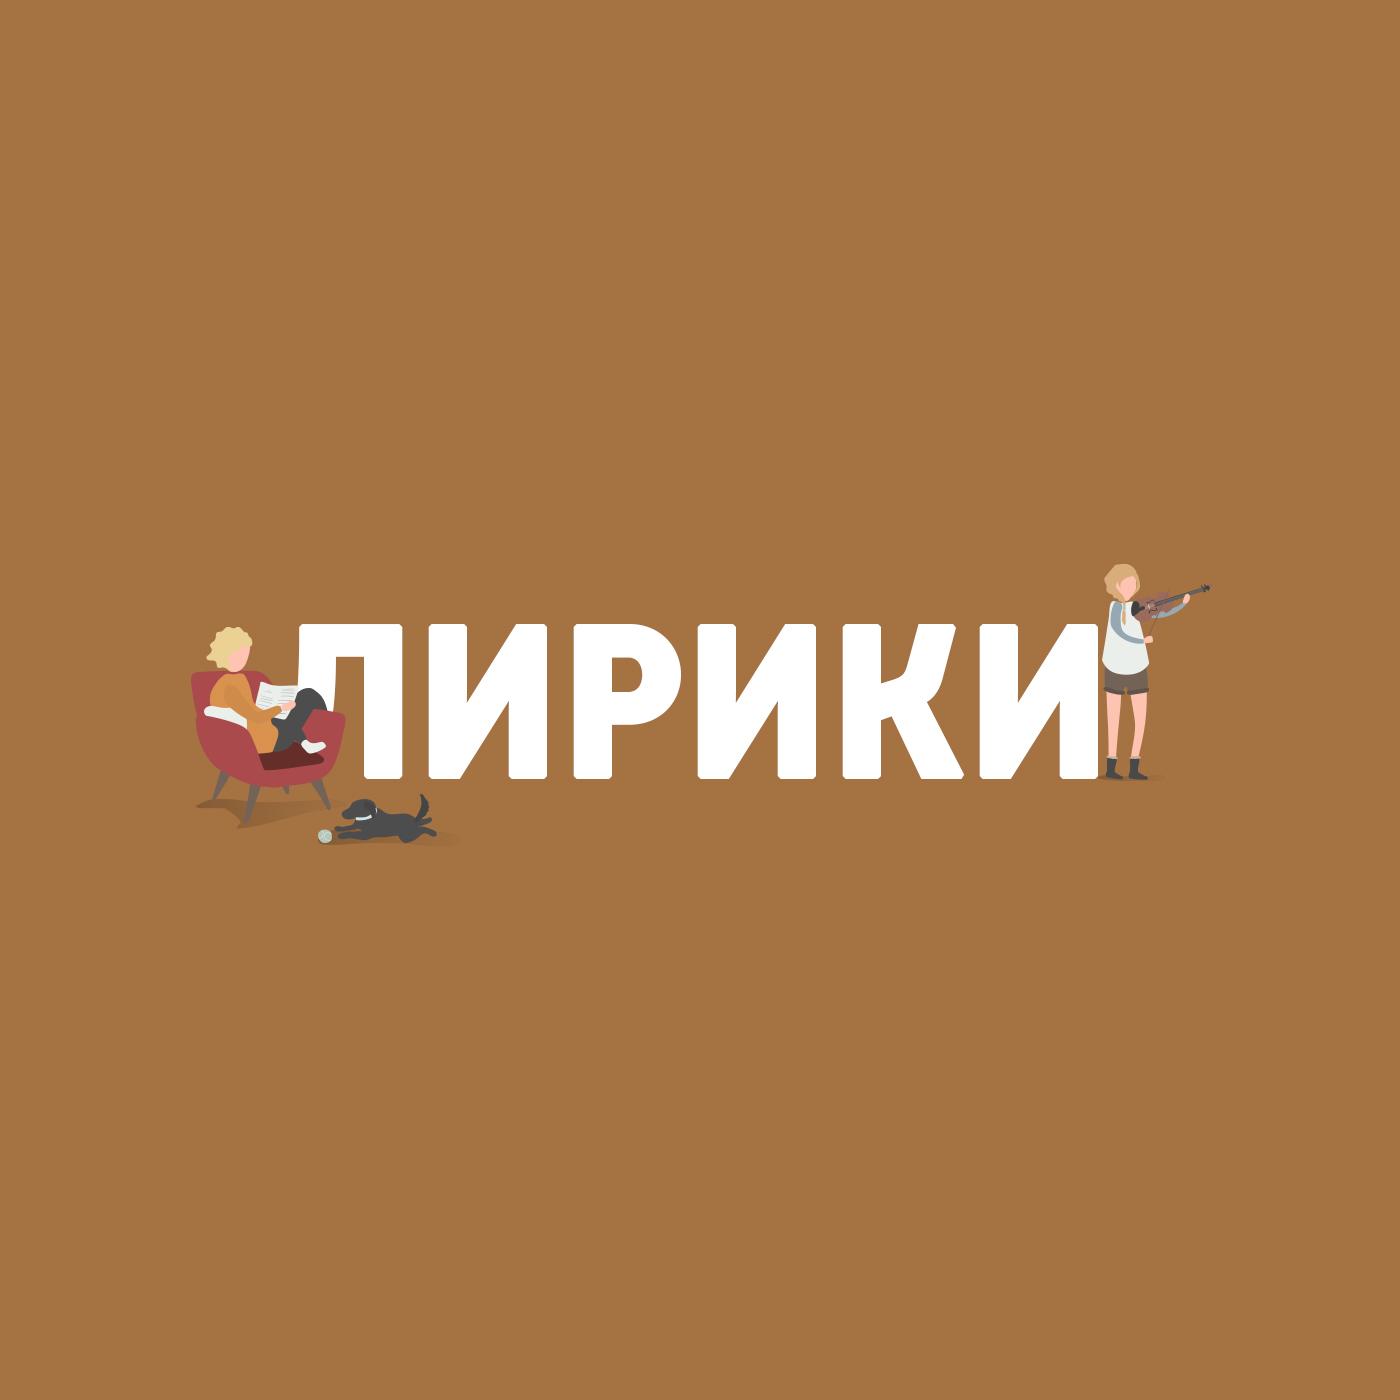 Маргарита Митрофанова Маскулинность в современном мире и трансформация мужского образа маргарита митрофанова софизмы и логические парадоксы